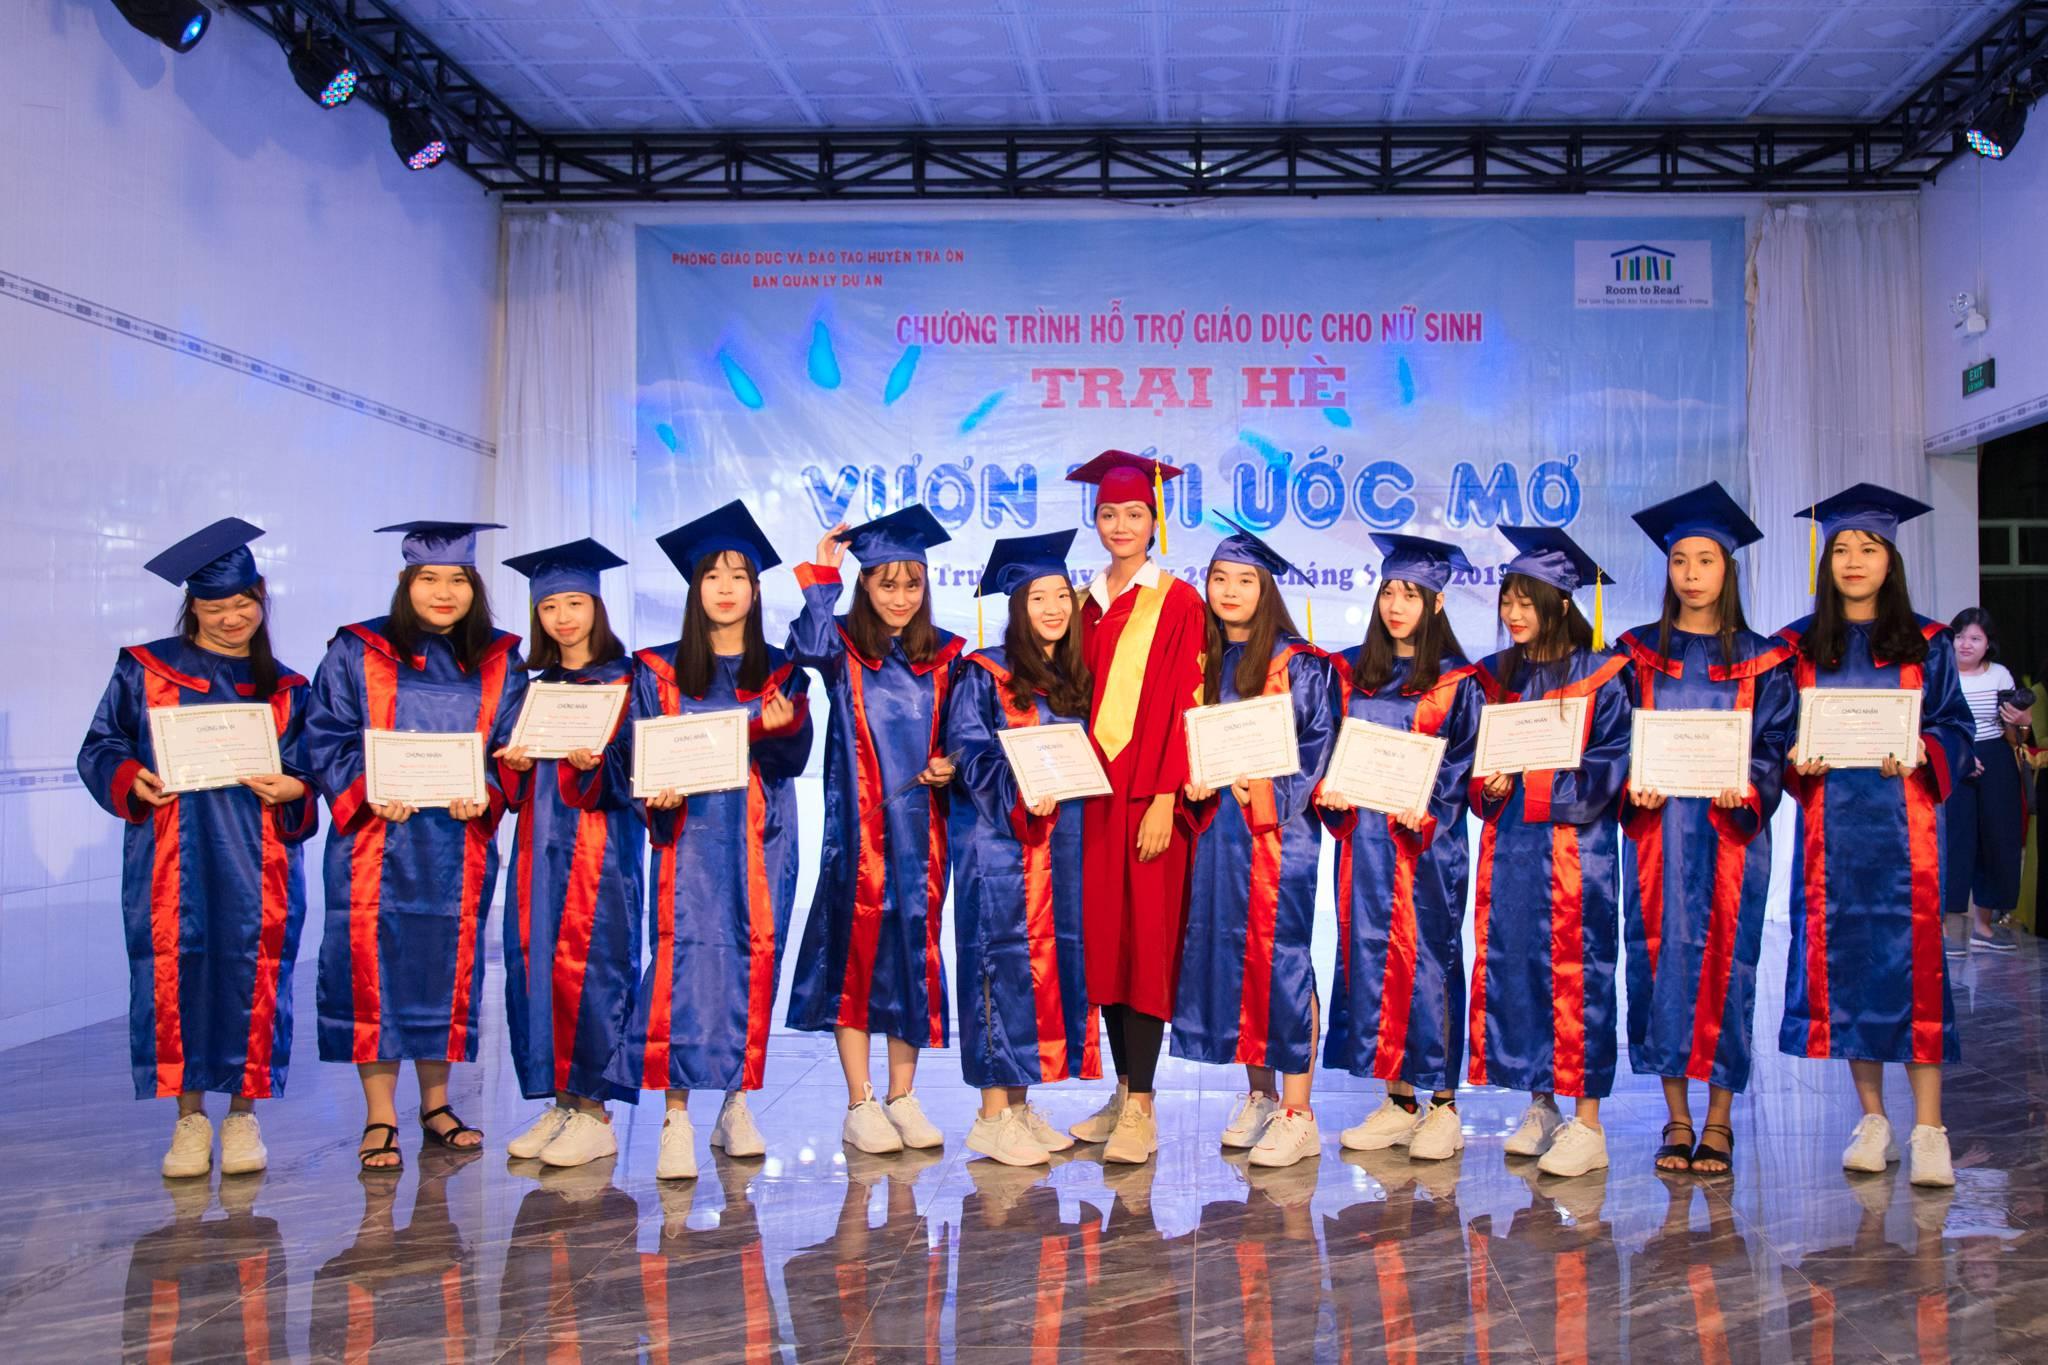 Hoa-Hau-HHen-Nie_Tham-gia-trai-he-nu-sinh-tai-Vinh-Long-3